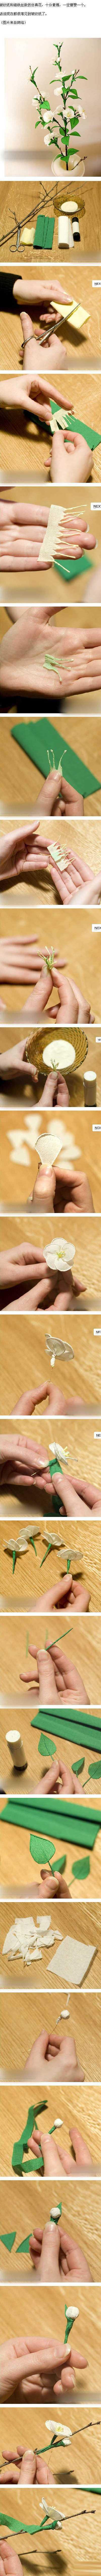 仿真花制作教程 皱纹纸与细铁丝手工制作仿真花教程